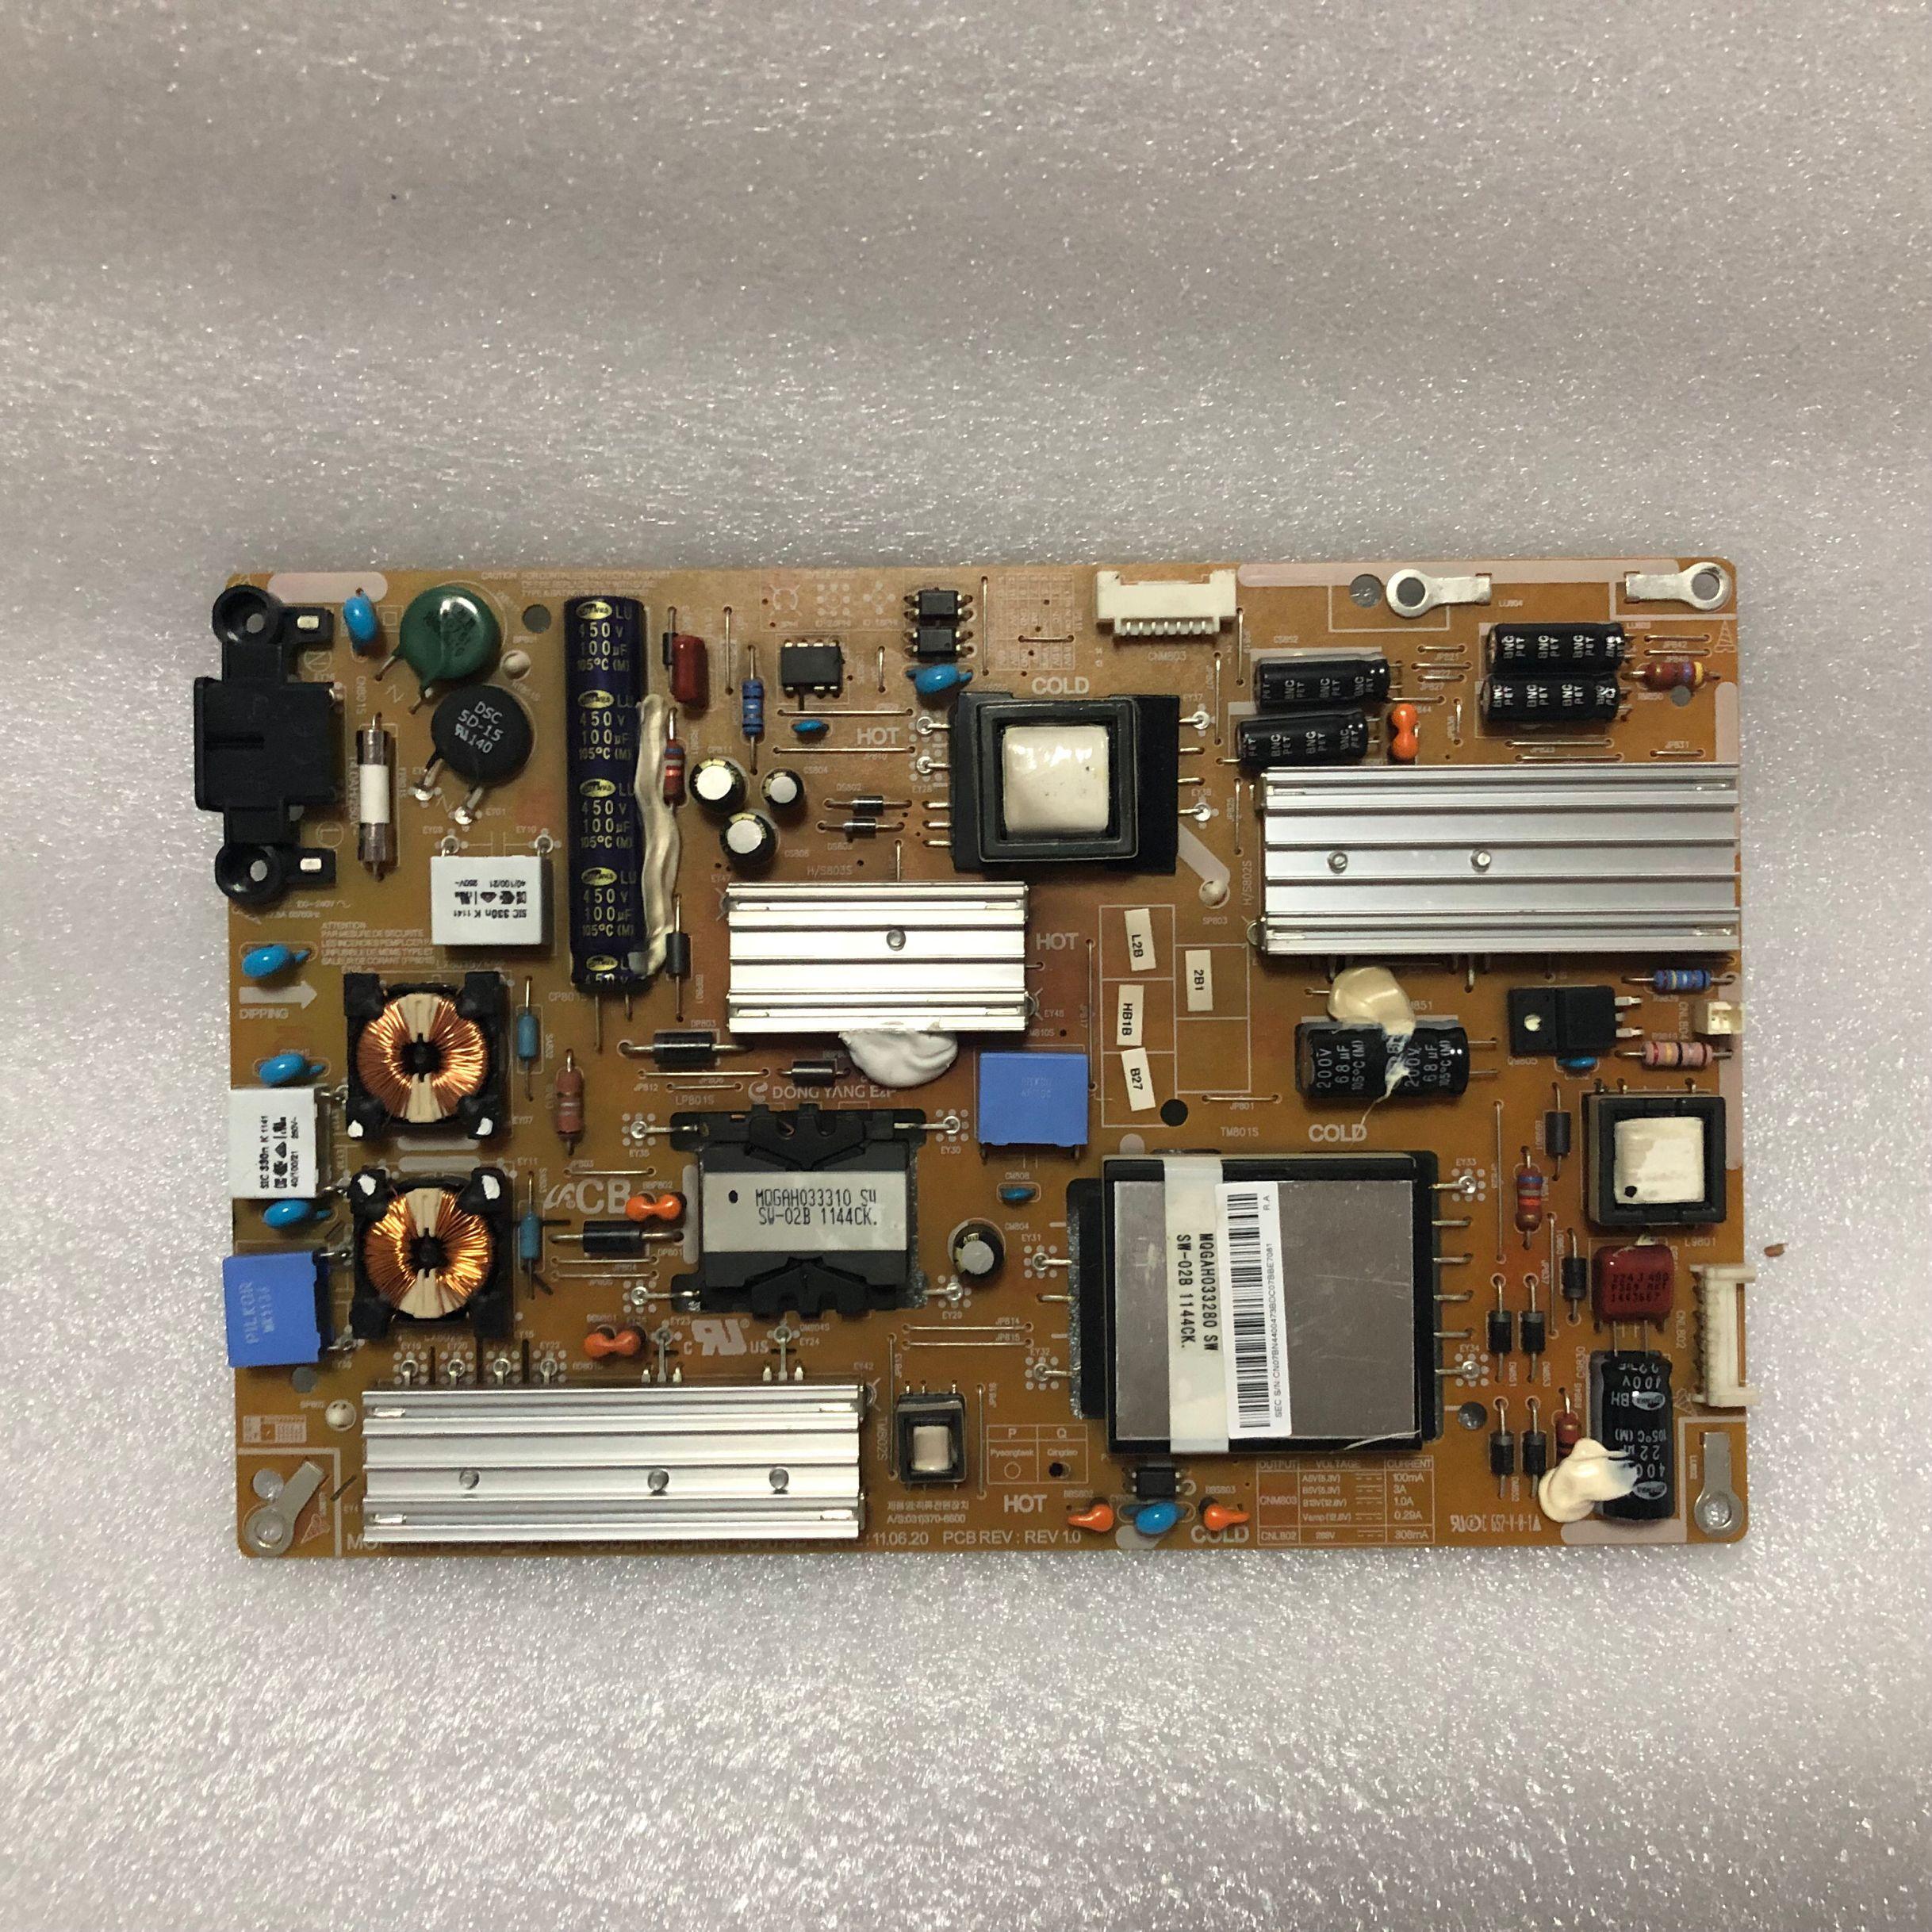 SZYLIJ D'origine LEDUA40D5000BR UA40D5003BR 46D5000PR PSLF121A03S BN44 00473A BN44 00473B PD46G0_BDY Carte D'alimentation-in Puissance Supplys from Electronique    1